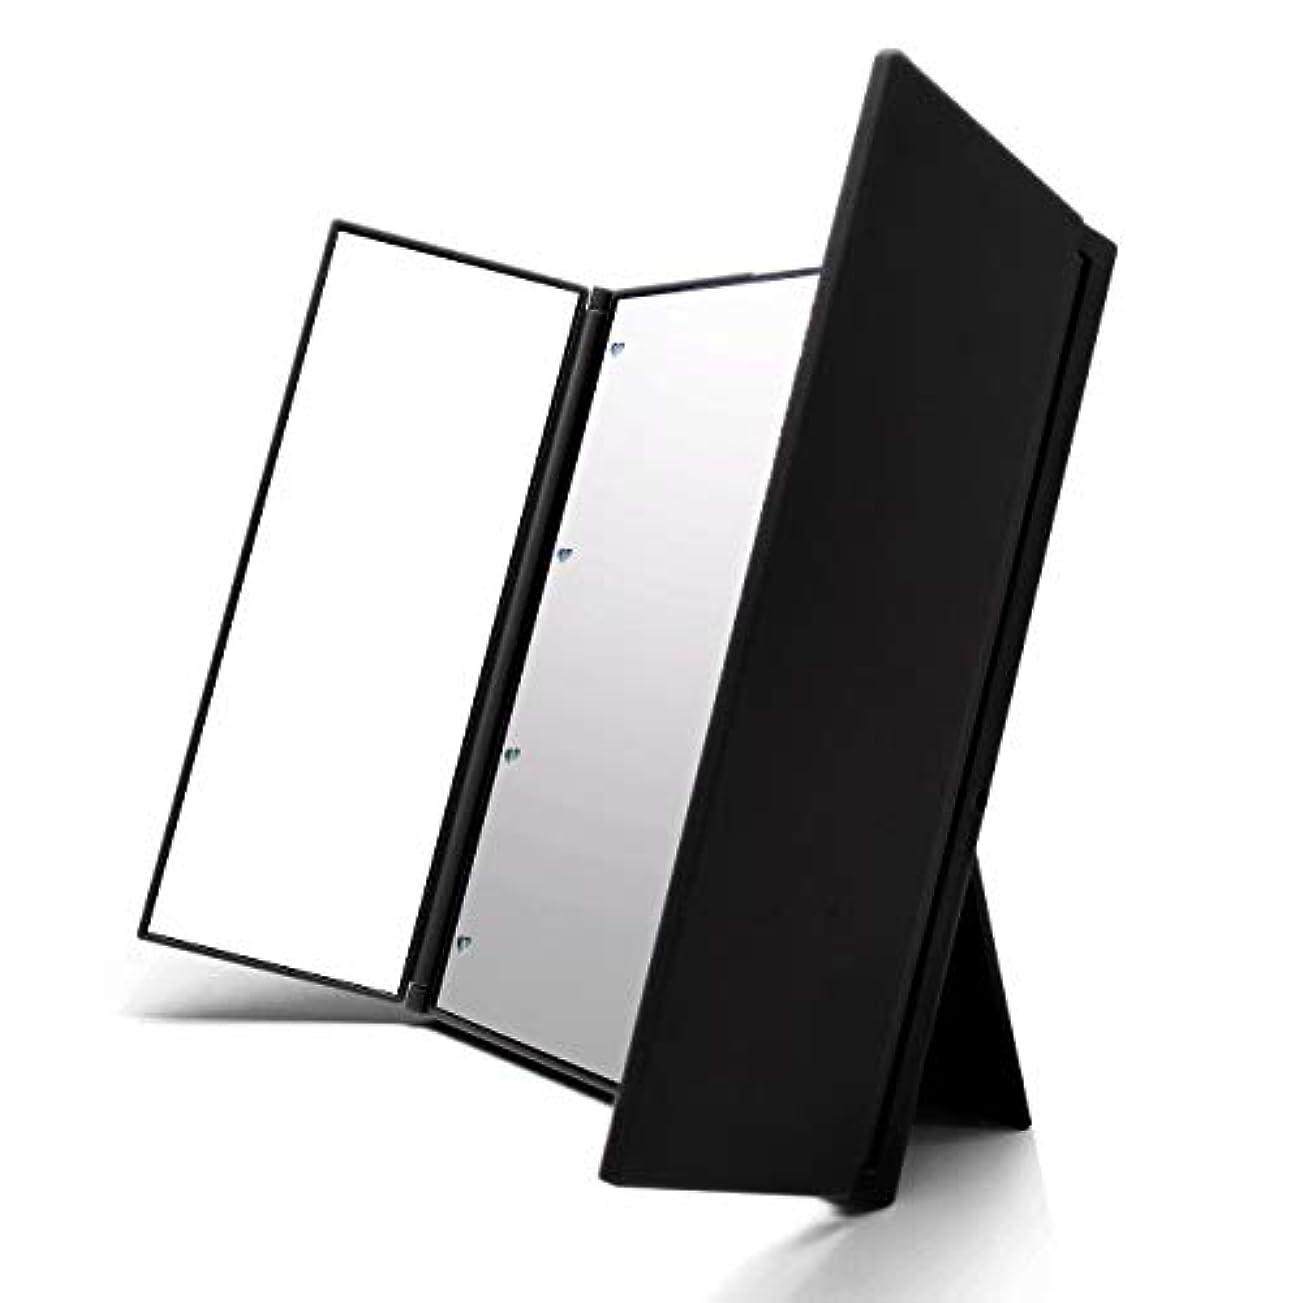 争う凝視排泄するVidgoo 鏡 卓上 化粧鏡 スタンド LED付き 三面鏡 折り畳み式 調整可能 電池型 ブラック